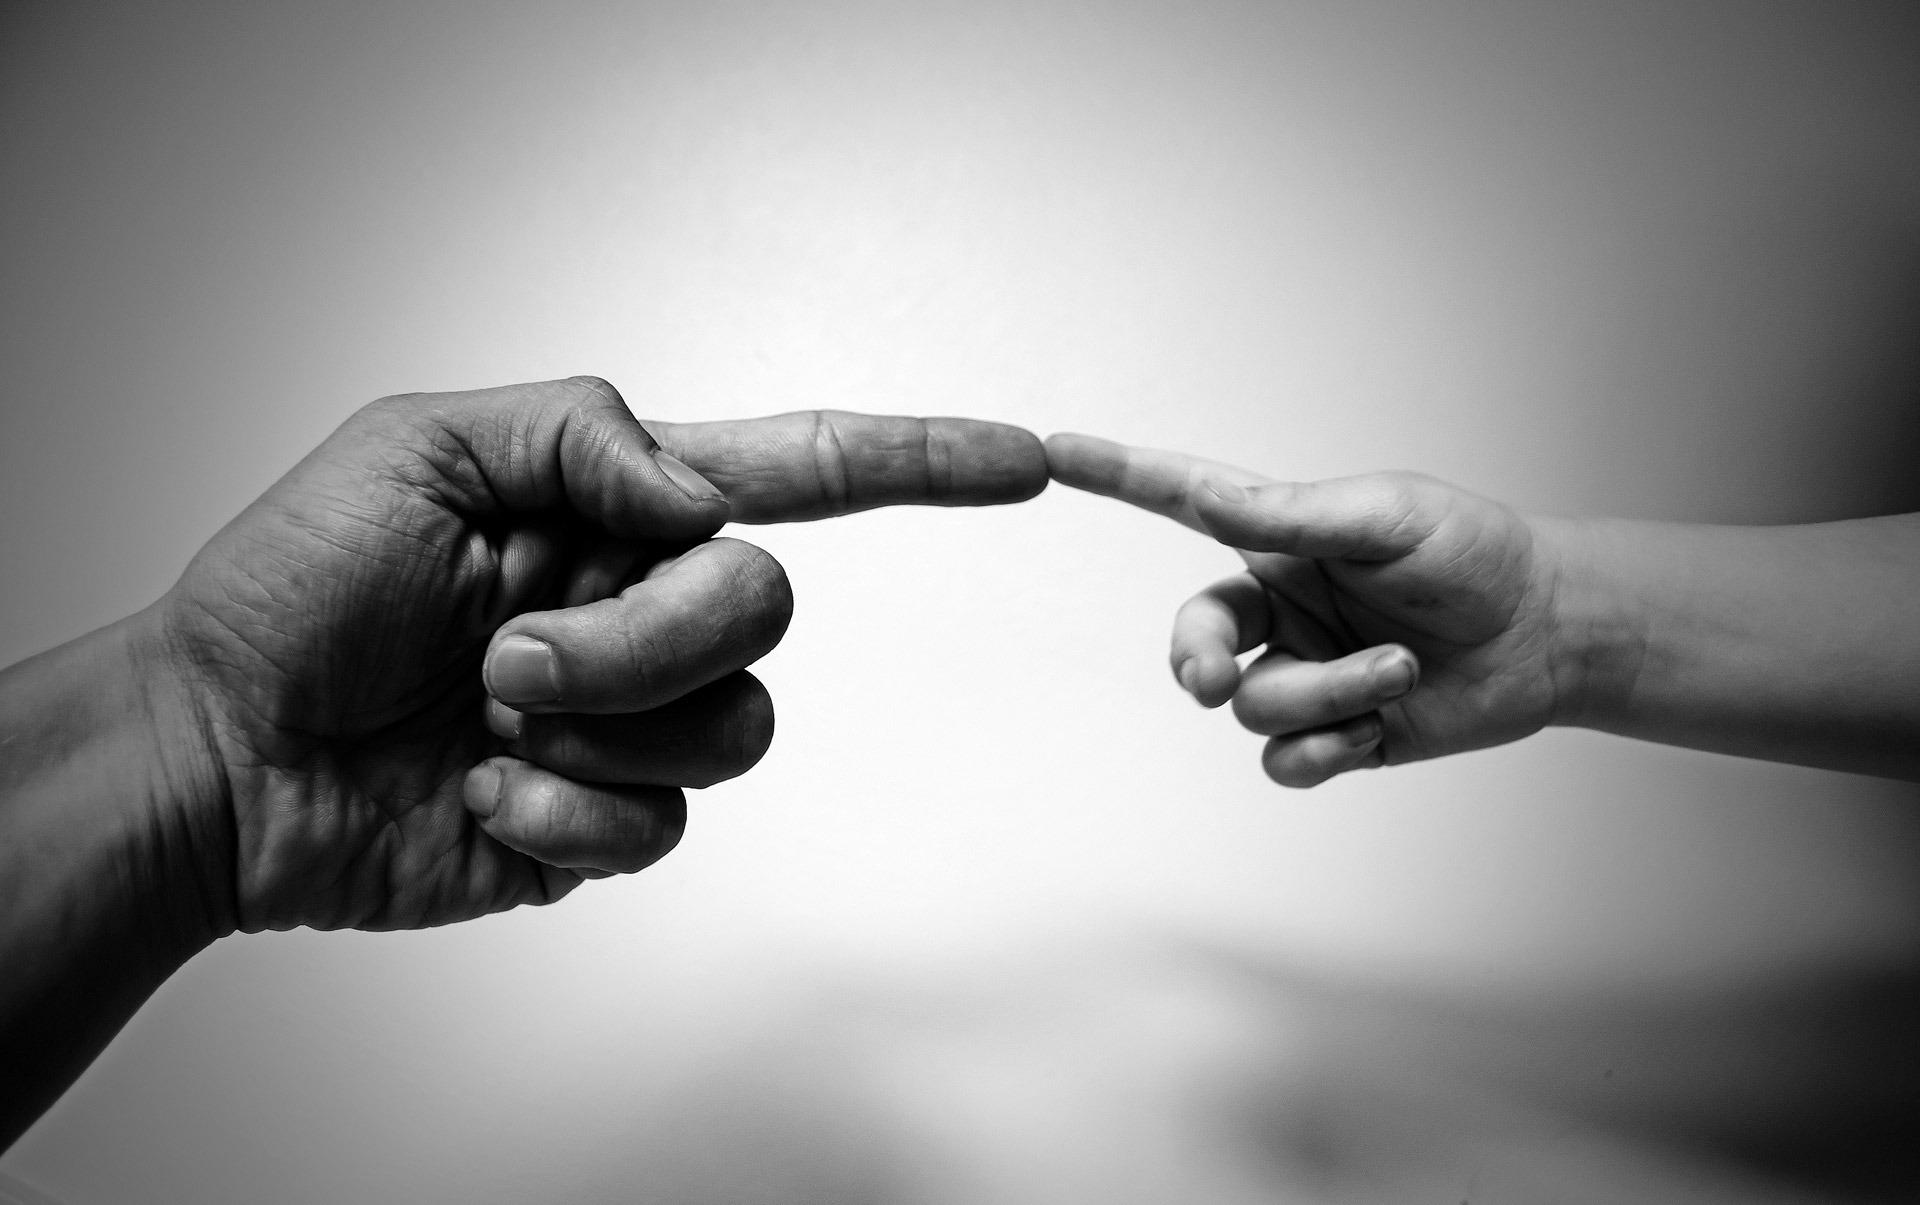 hands1.jpeg